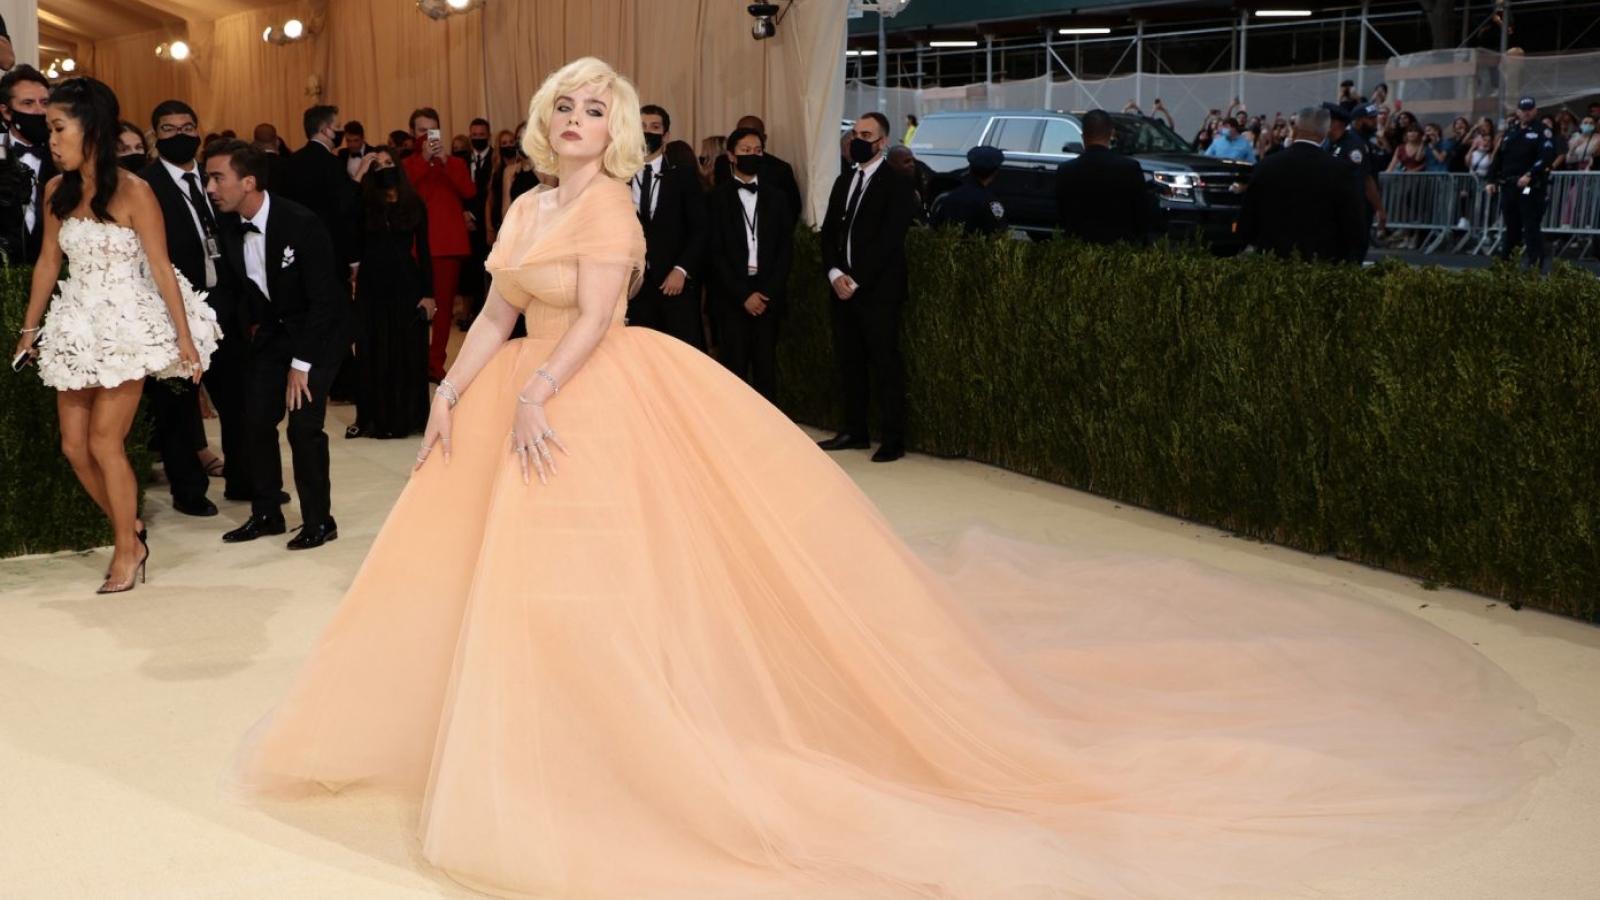 Đằng sau bộ váy đẹp lộng lẫy của Billie Eilish tại Met Gala là một thỏa thuận về động vật